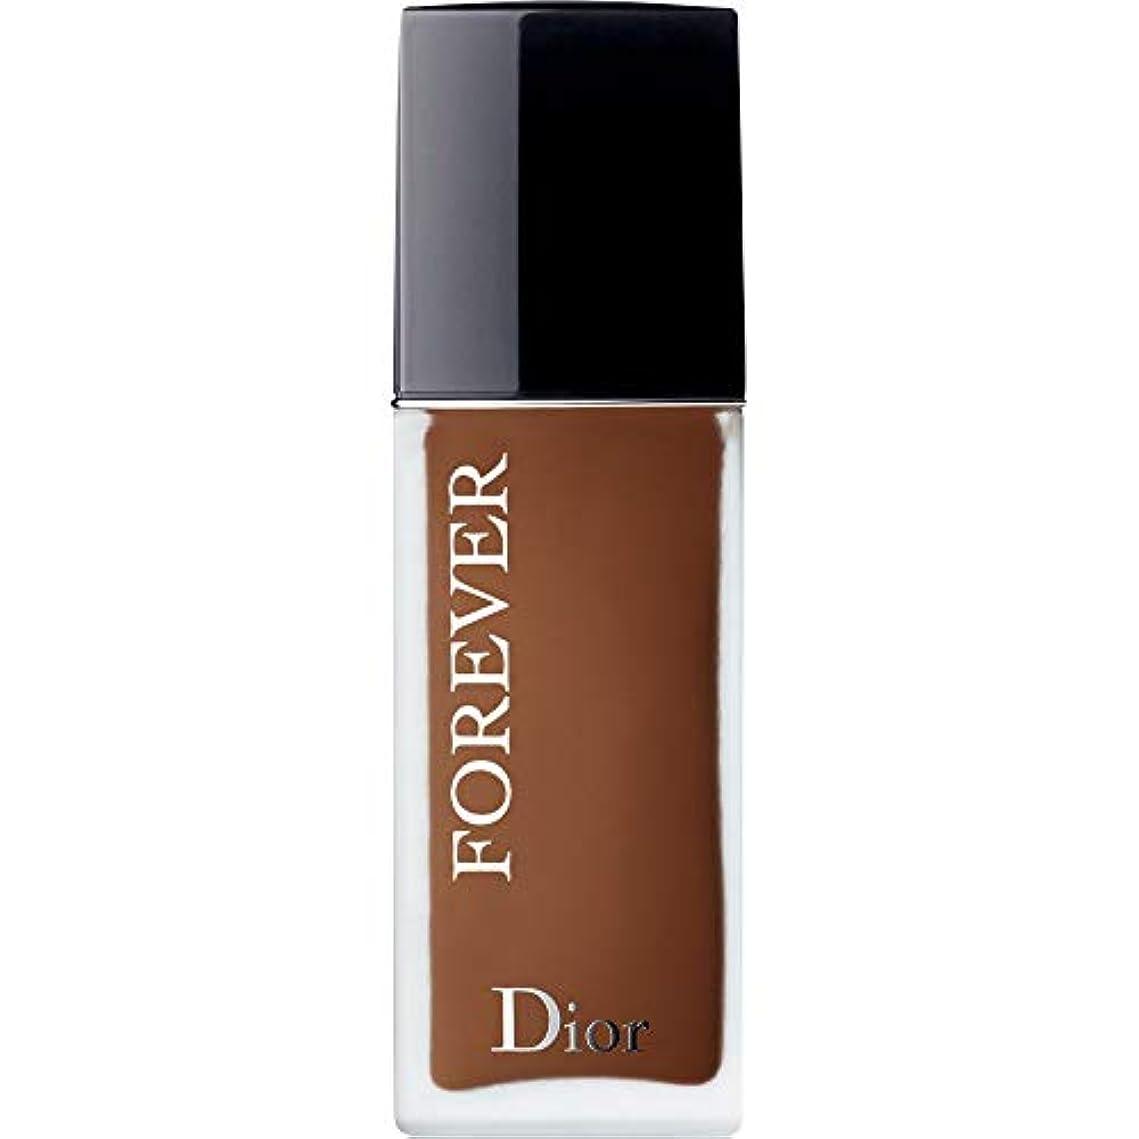 苛性チートタイピスト[Dior ] ディオール永遠皮膚思いやりの基盤Spf35 30ミリリットルの8N - ニュートラル(つや消し) - DIOR Forever Skin-Caring Foundation SPF35 30ml 8N - Neutral (Matte) [並行輸入品]